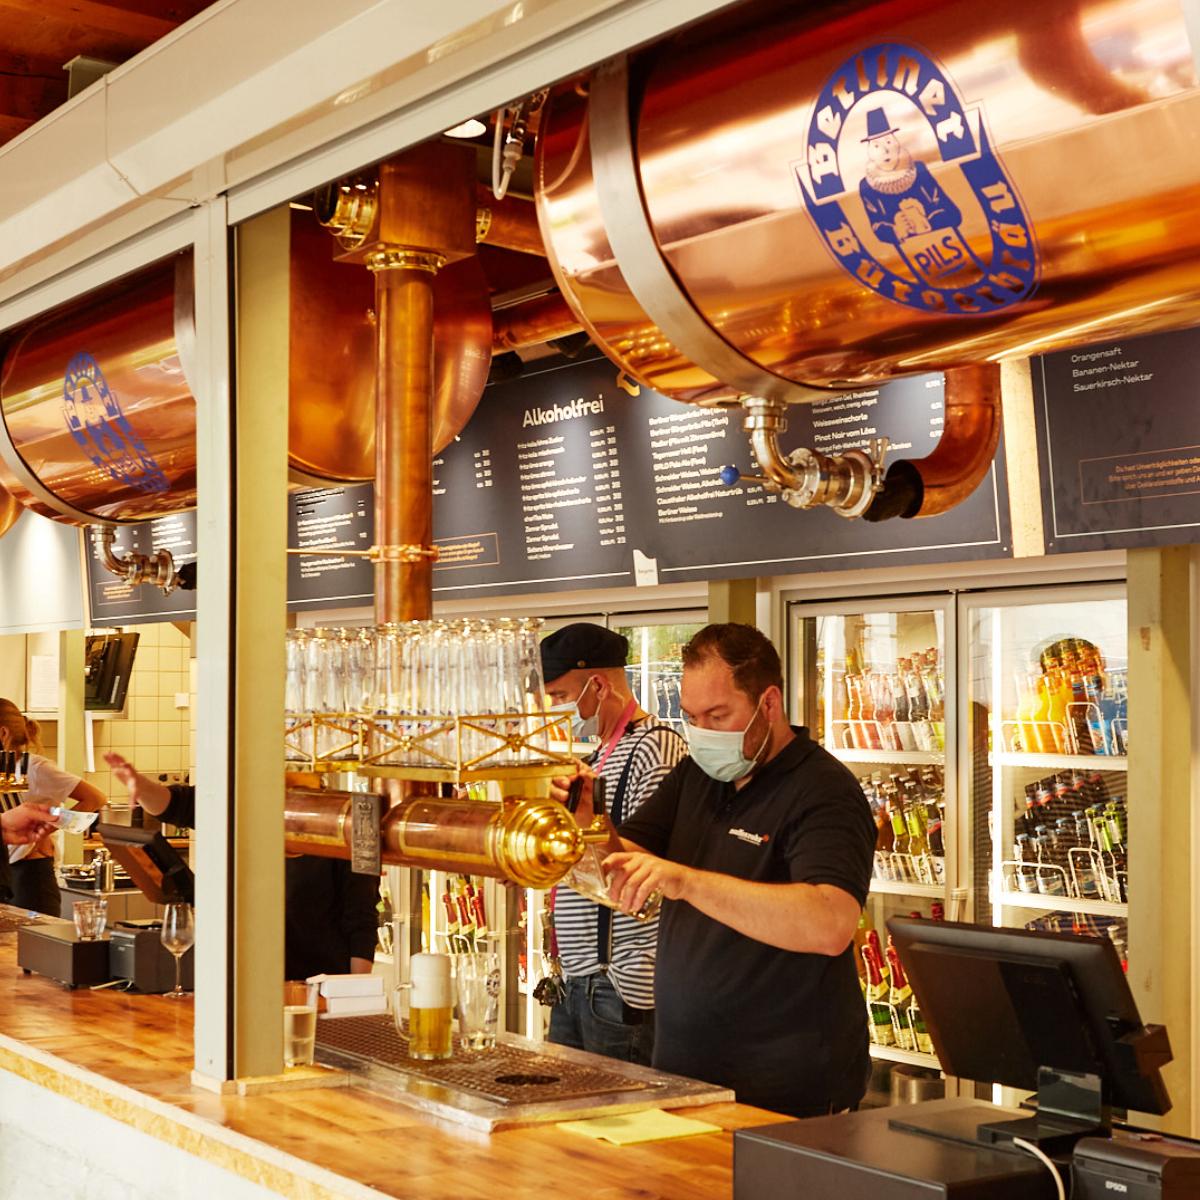 Bier- und Weingarten Berliner Buergerbraeu by Janek Grahmann